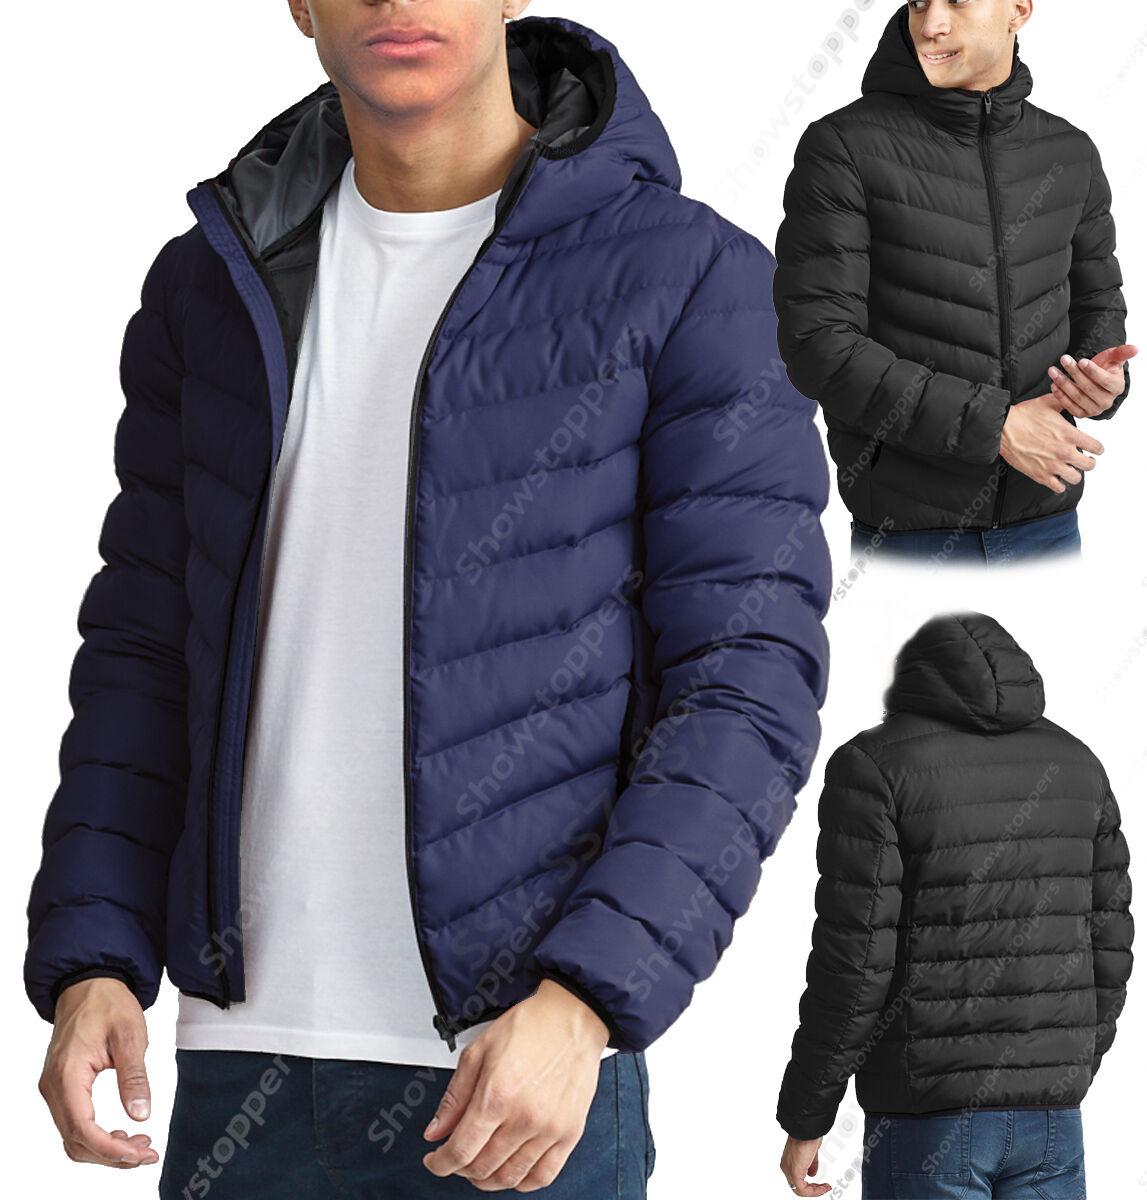 NUOVO RAGAZZI inverno cappotto giacca con cappuccio Ragazzo IMBOTTITO TRAPUNTATO